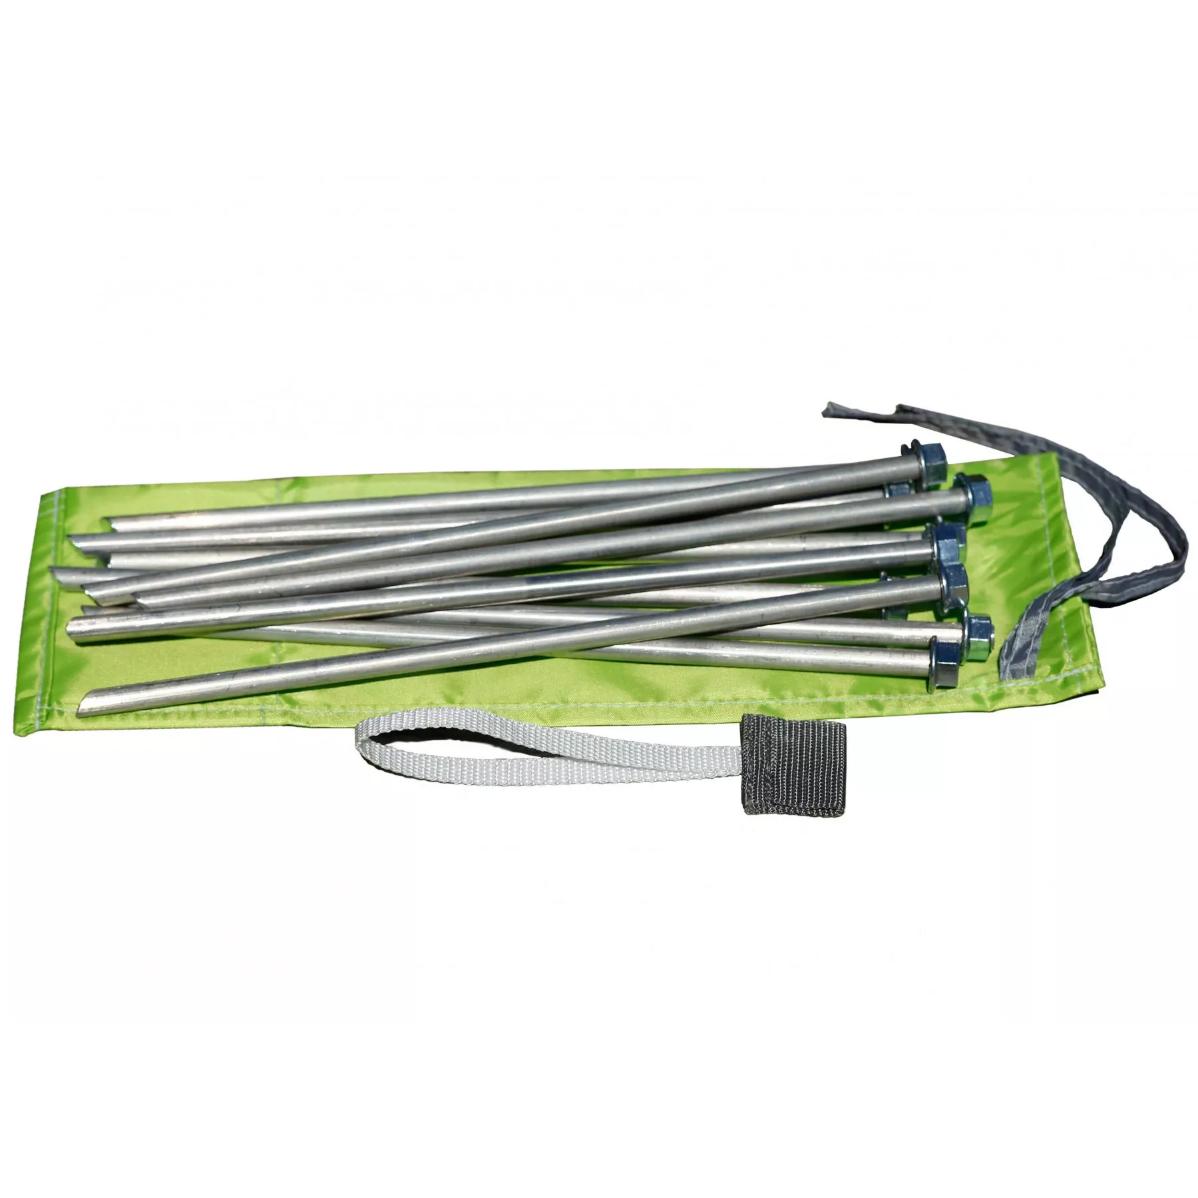 Колышки для палатки штормовые (алюм.сплав 9,0х300мм, комплект 10 шт) (+ Антисептик-спрей для рук в подарок!)